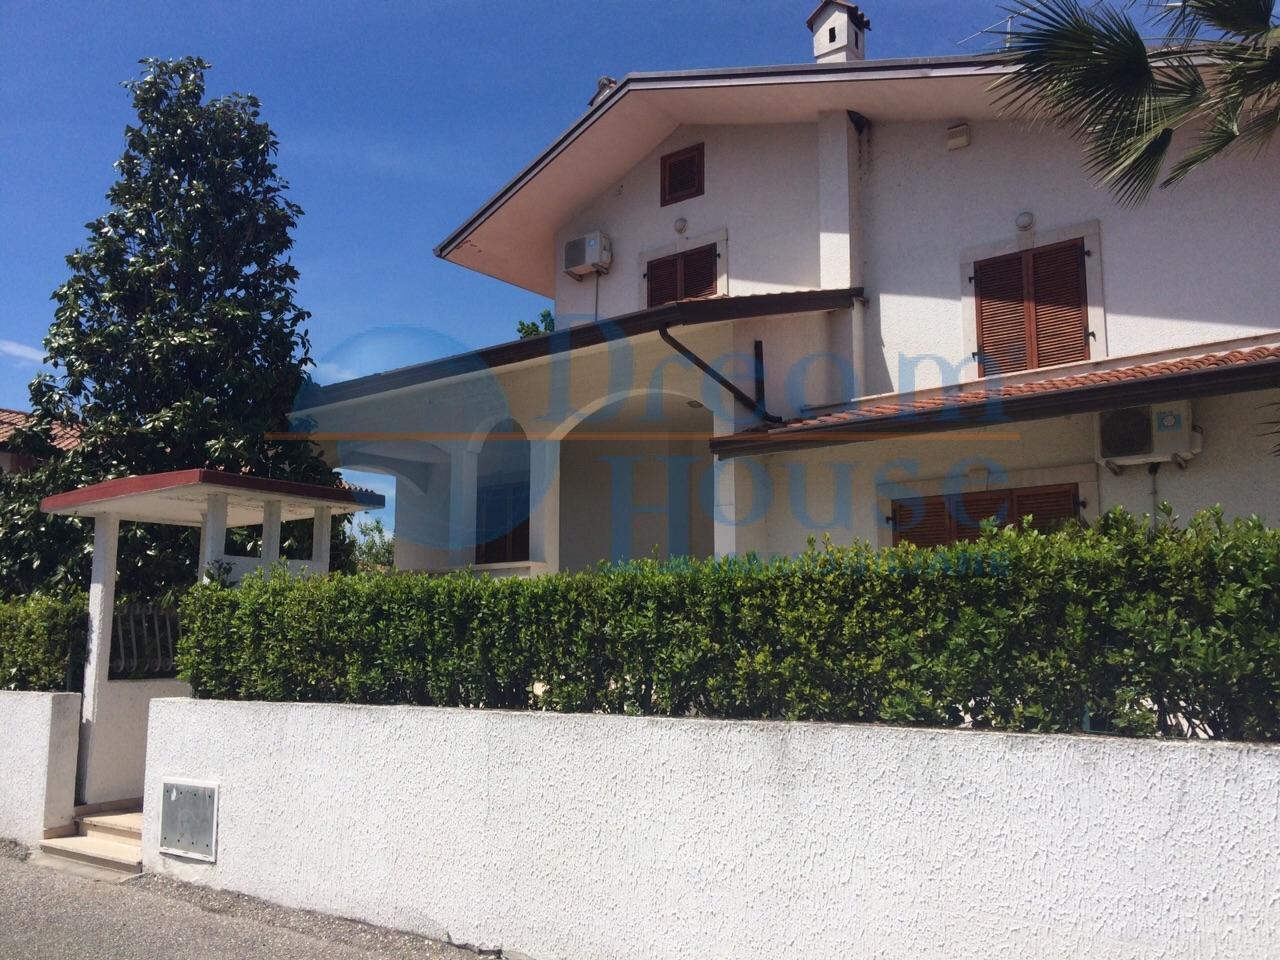 Soluzione Indipendente in vendita a Colonnella, 14 locali, prezzo € 370.000 | Cambio Casa.it